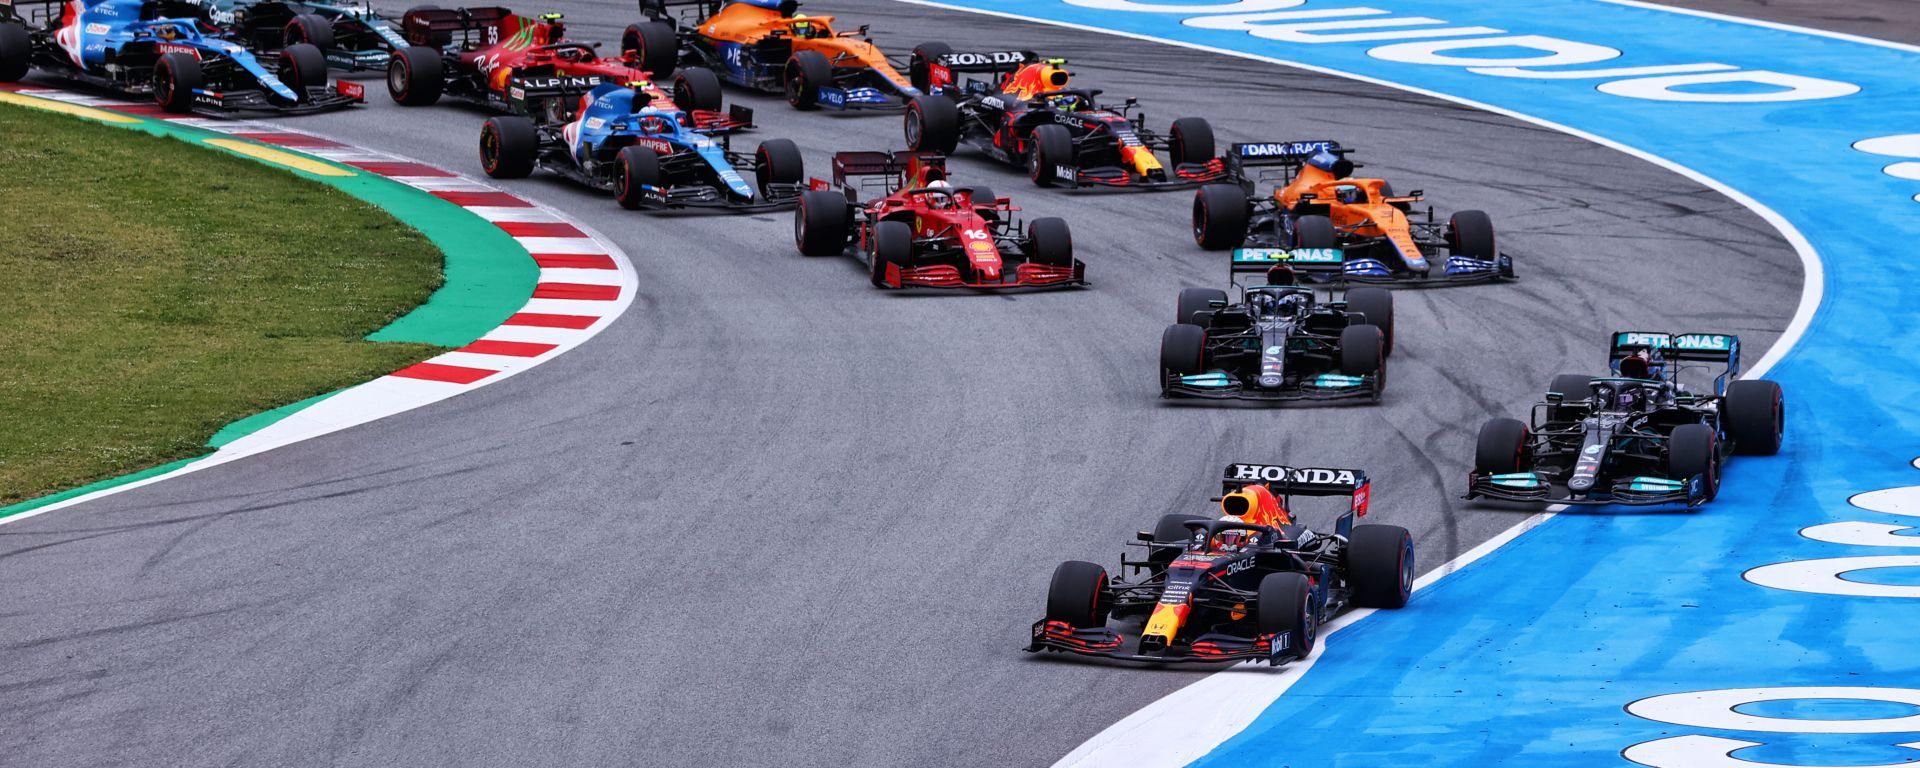 F1 GP Spagna 2021, Barcellona: La partenza della gara